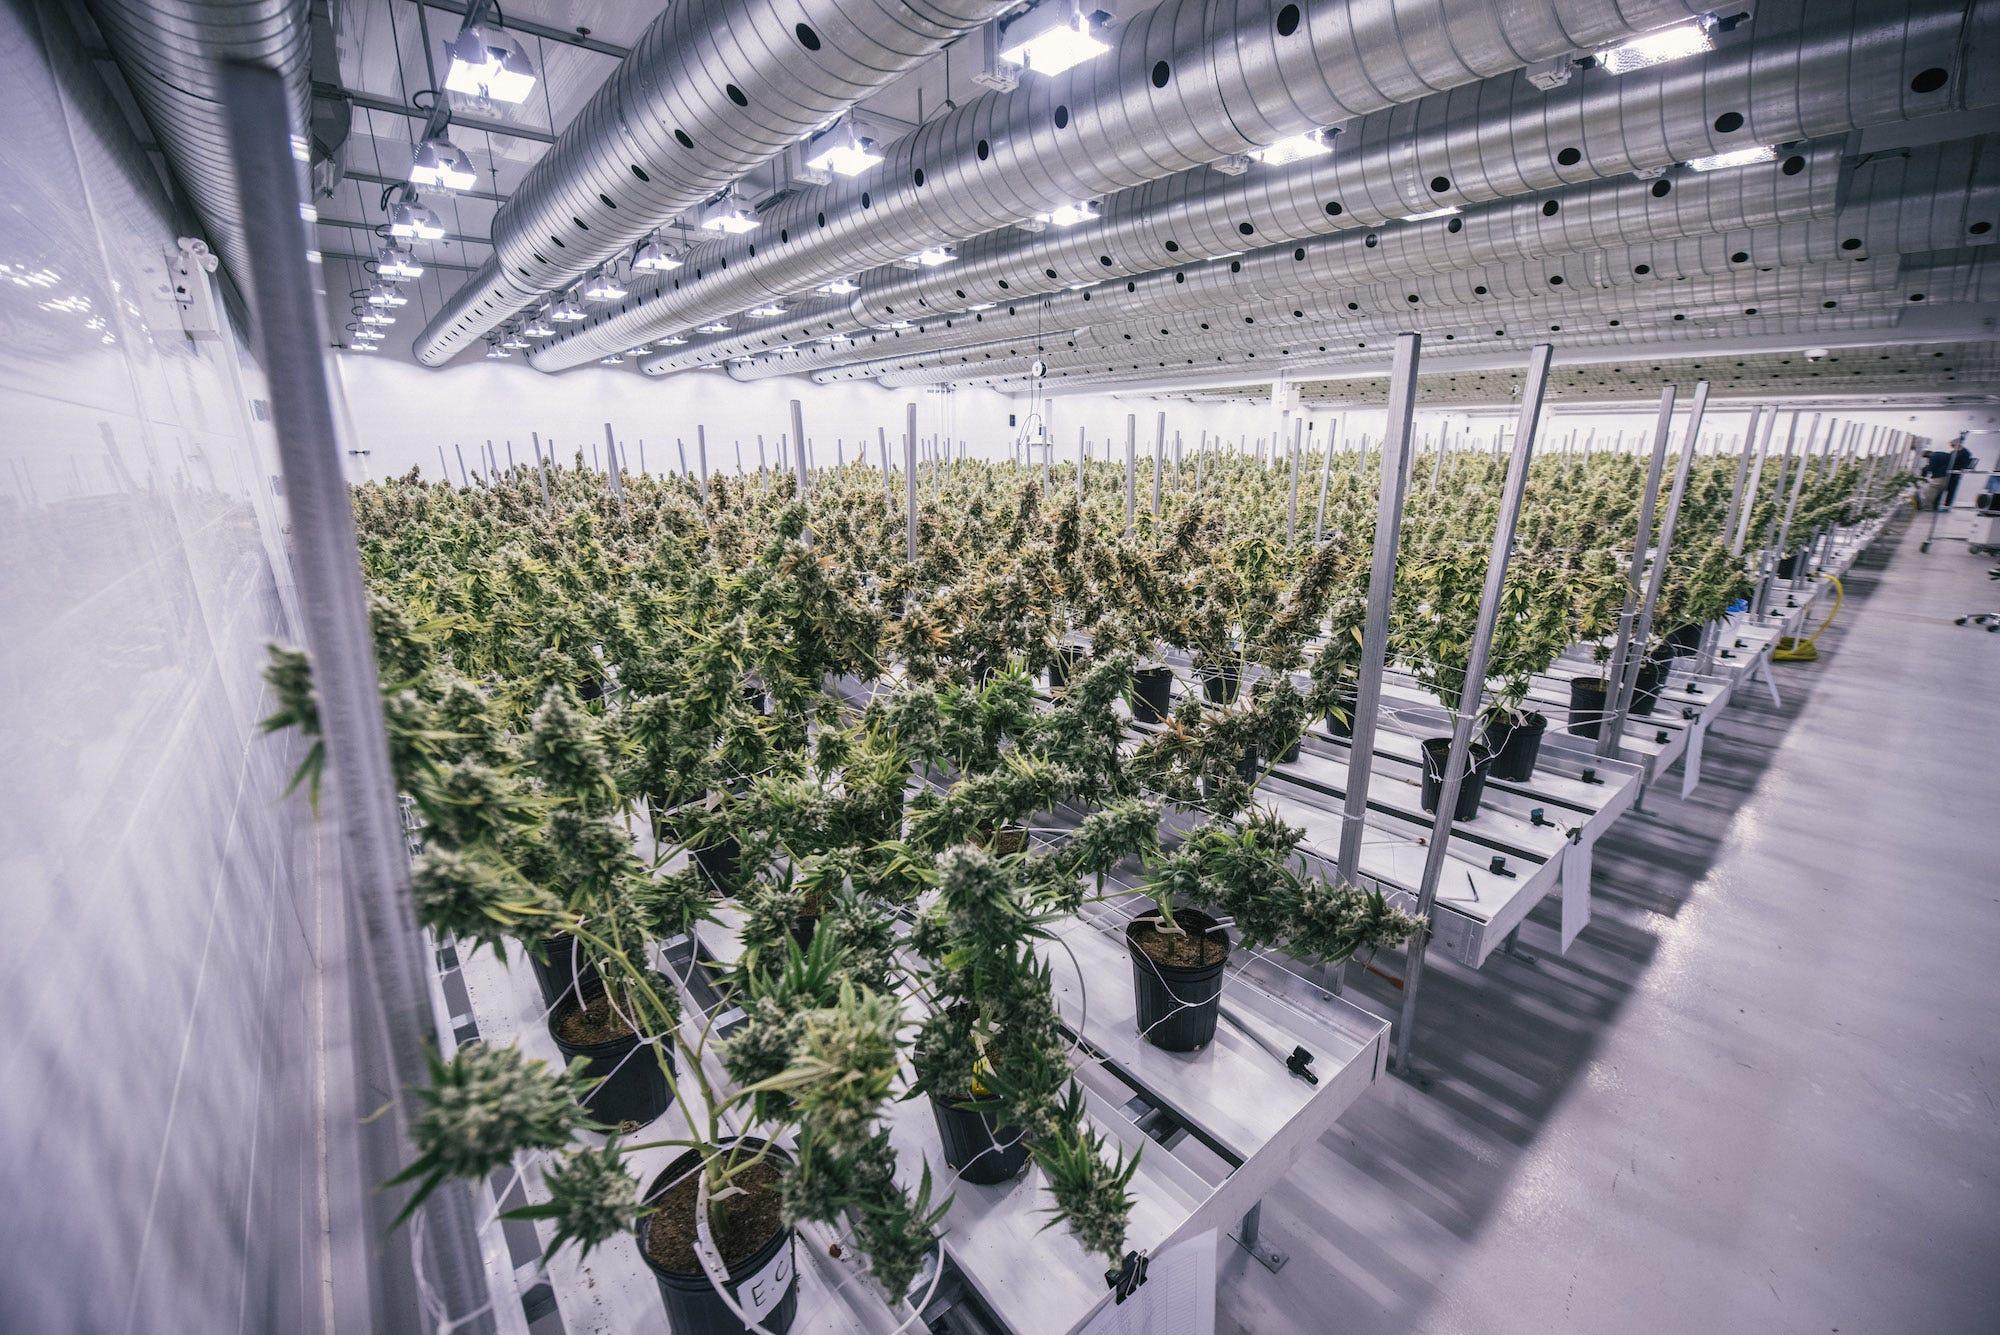 Pěstírna konopí v Kanadě. Zdroj: Canopy Growth Corporation